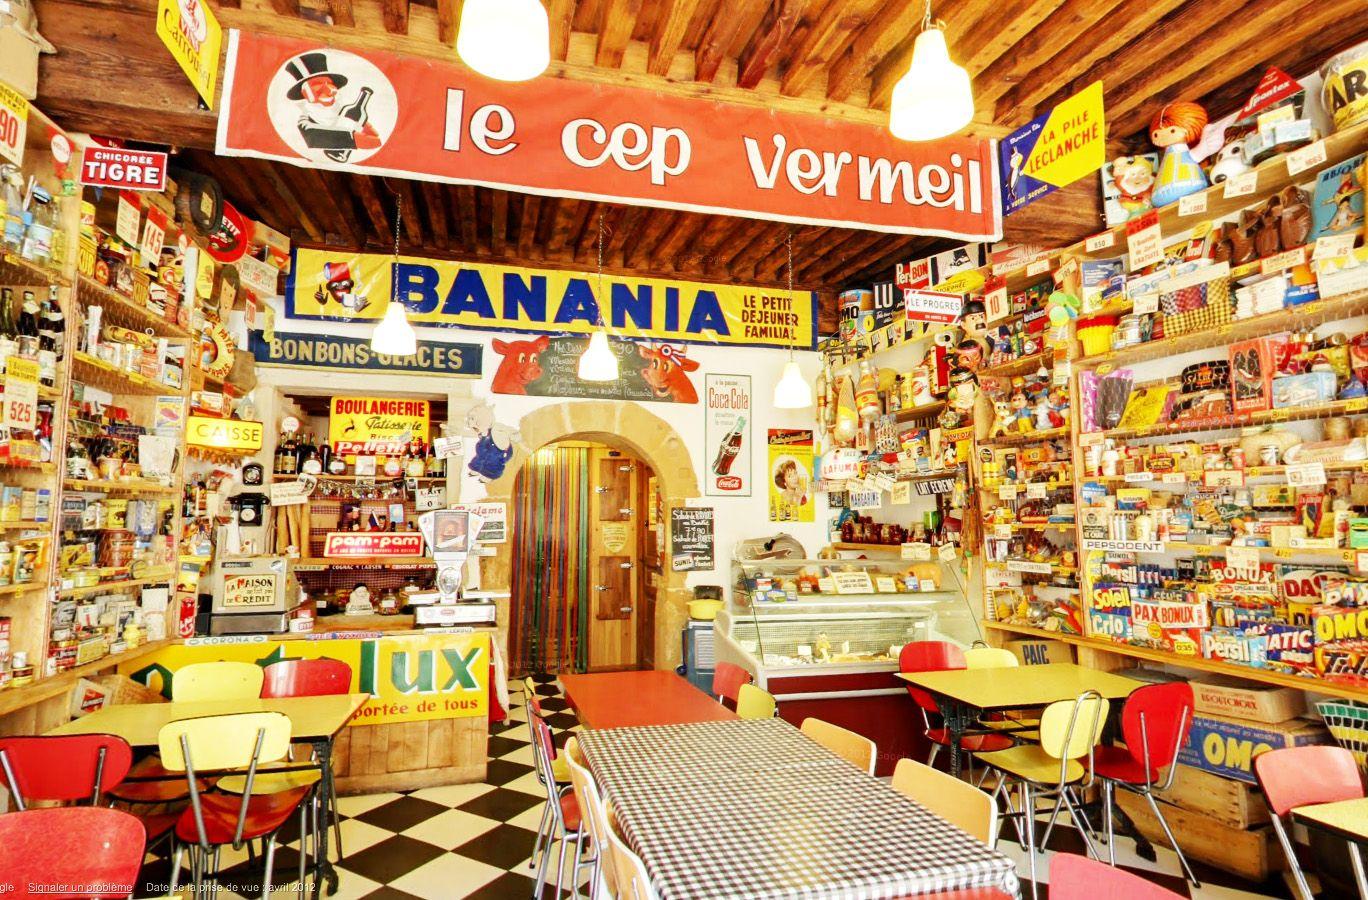 Les meilleurs restaurants Lyonnais à moins de 20 euros - Slo living hostel